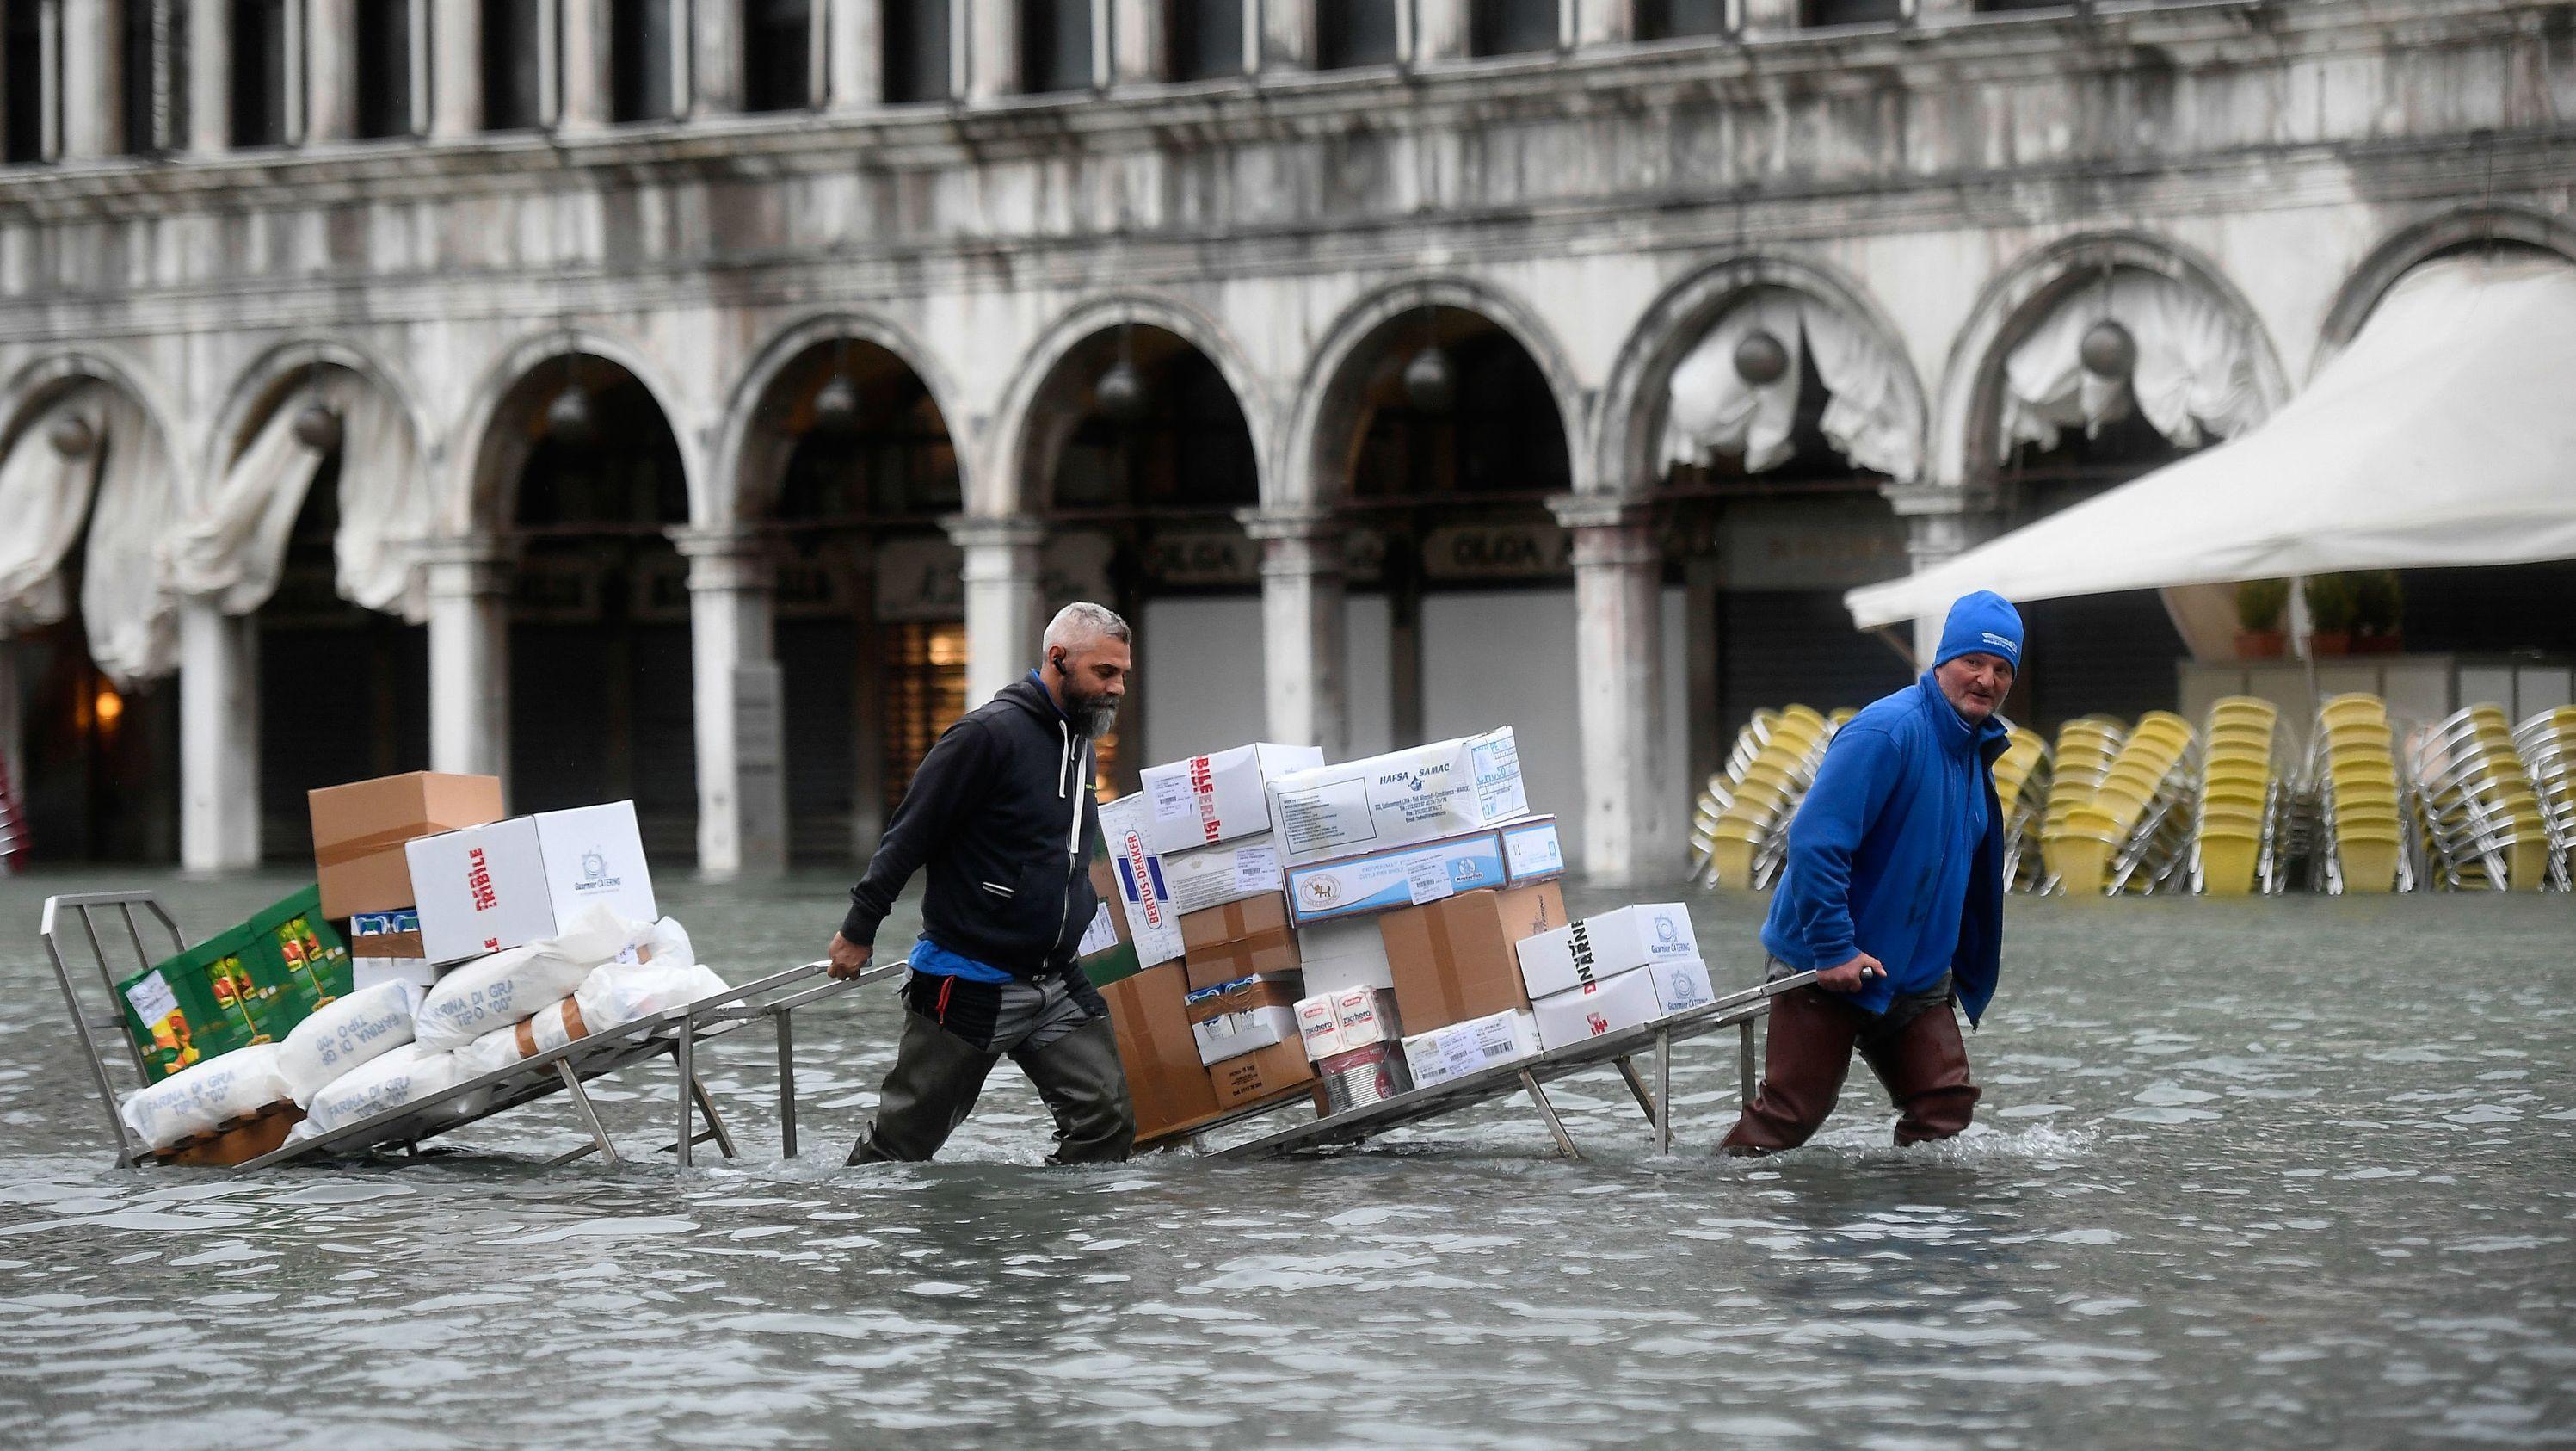 Venedig: Männer waten mit Kartons und Lebensmitteln, die sie auf einer Trage transportieren, durch das Hochwasser auf einem überfluteten Platz.